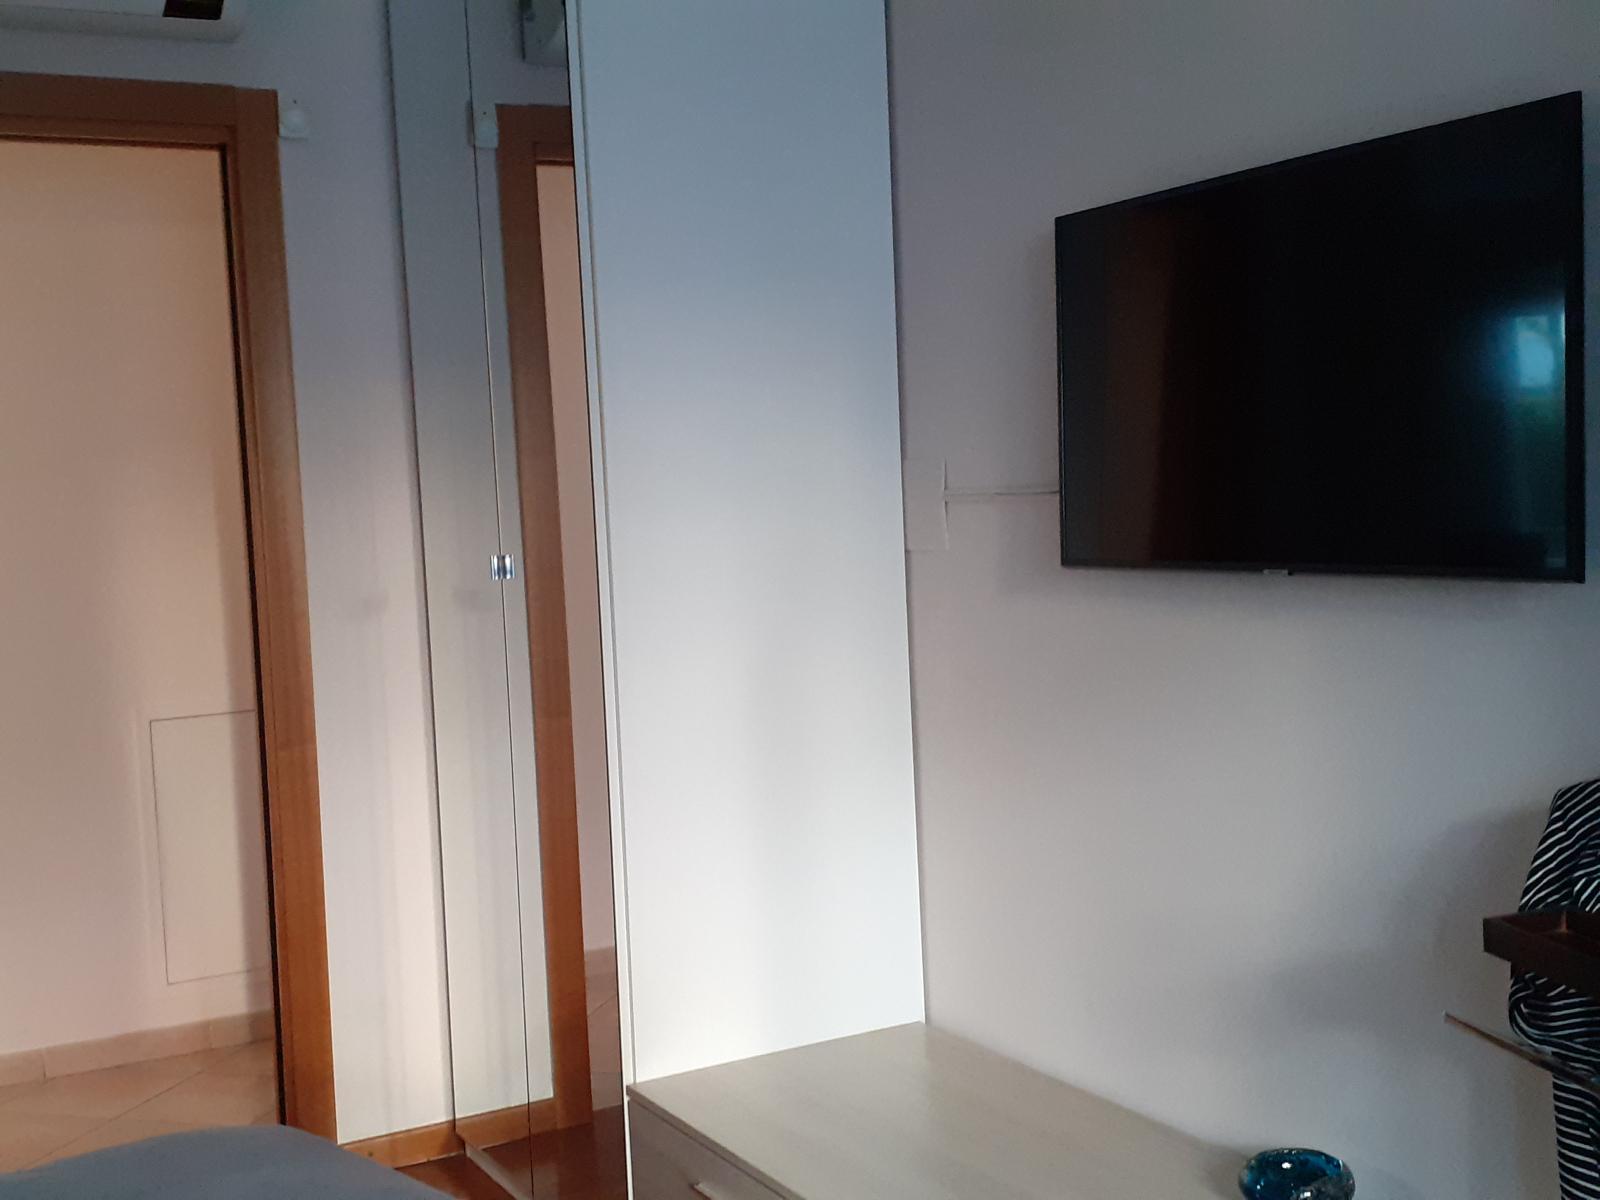 appartamento-in-vendita-a-trezzano-sul-naviglio-milano-2-locali-spaziourbano-immobiliare-vende-1